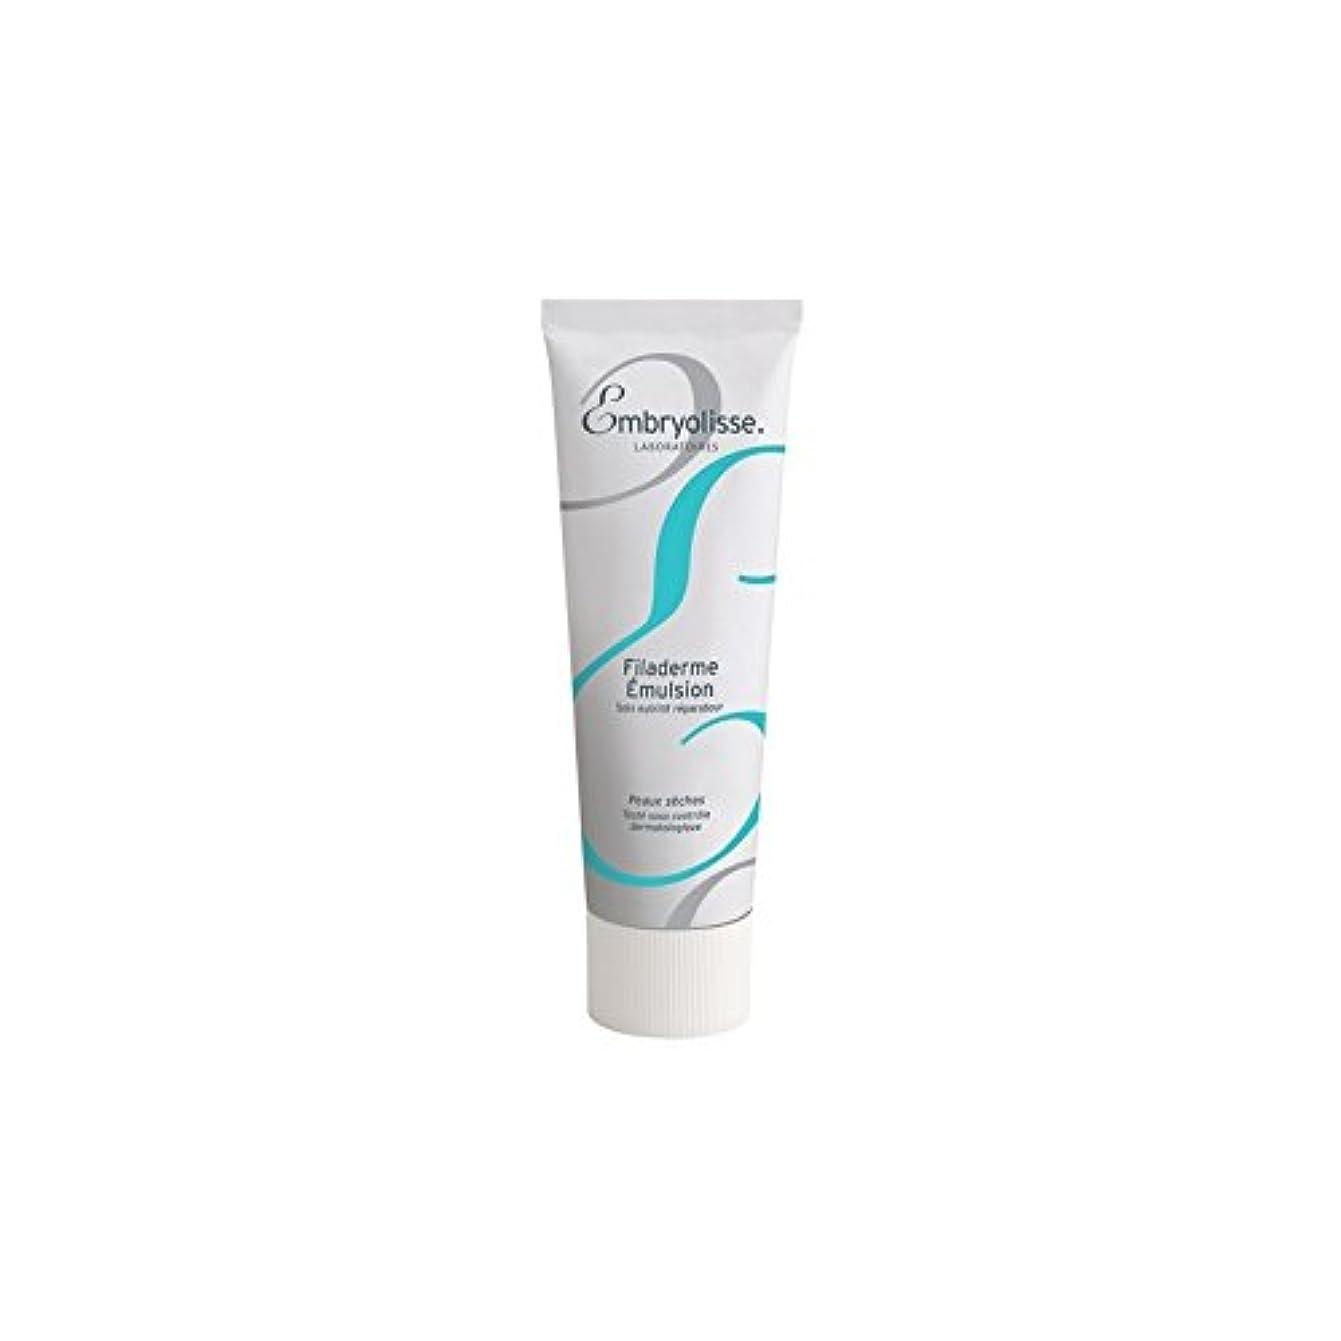 層百科事典の量Embryolisse Filaderme Emulsion (75ml) (Pack of 6) - エマルジョン(75ミリリットル) x6 [並行輸入品]